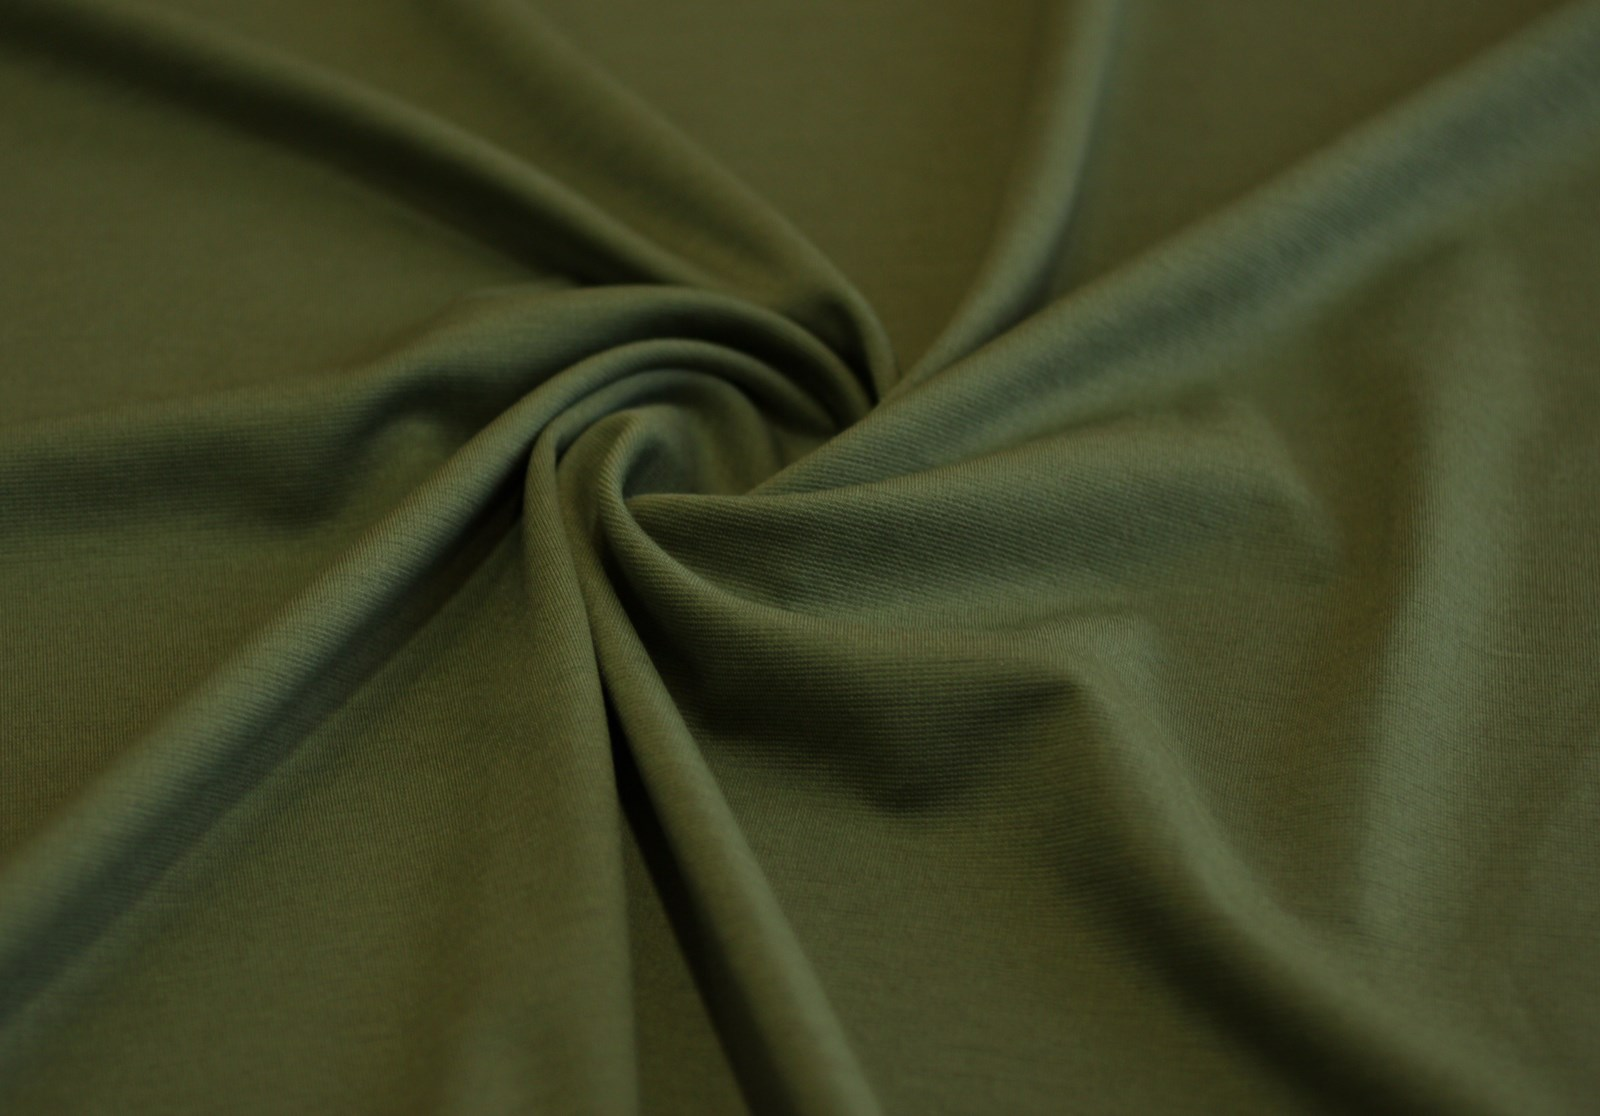 Академик цвет оливковый